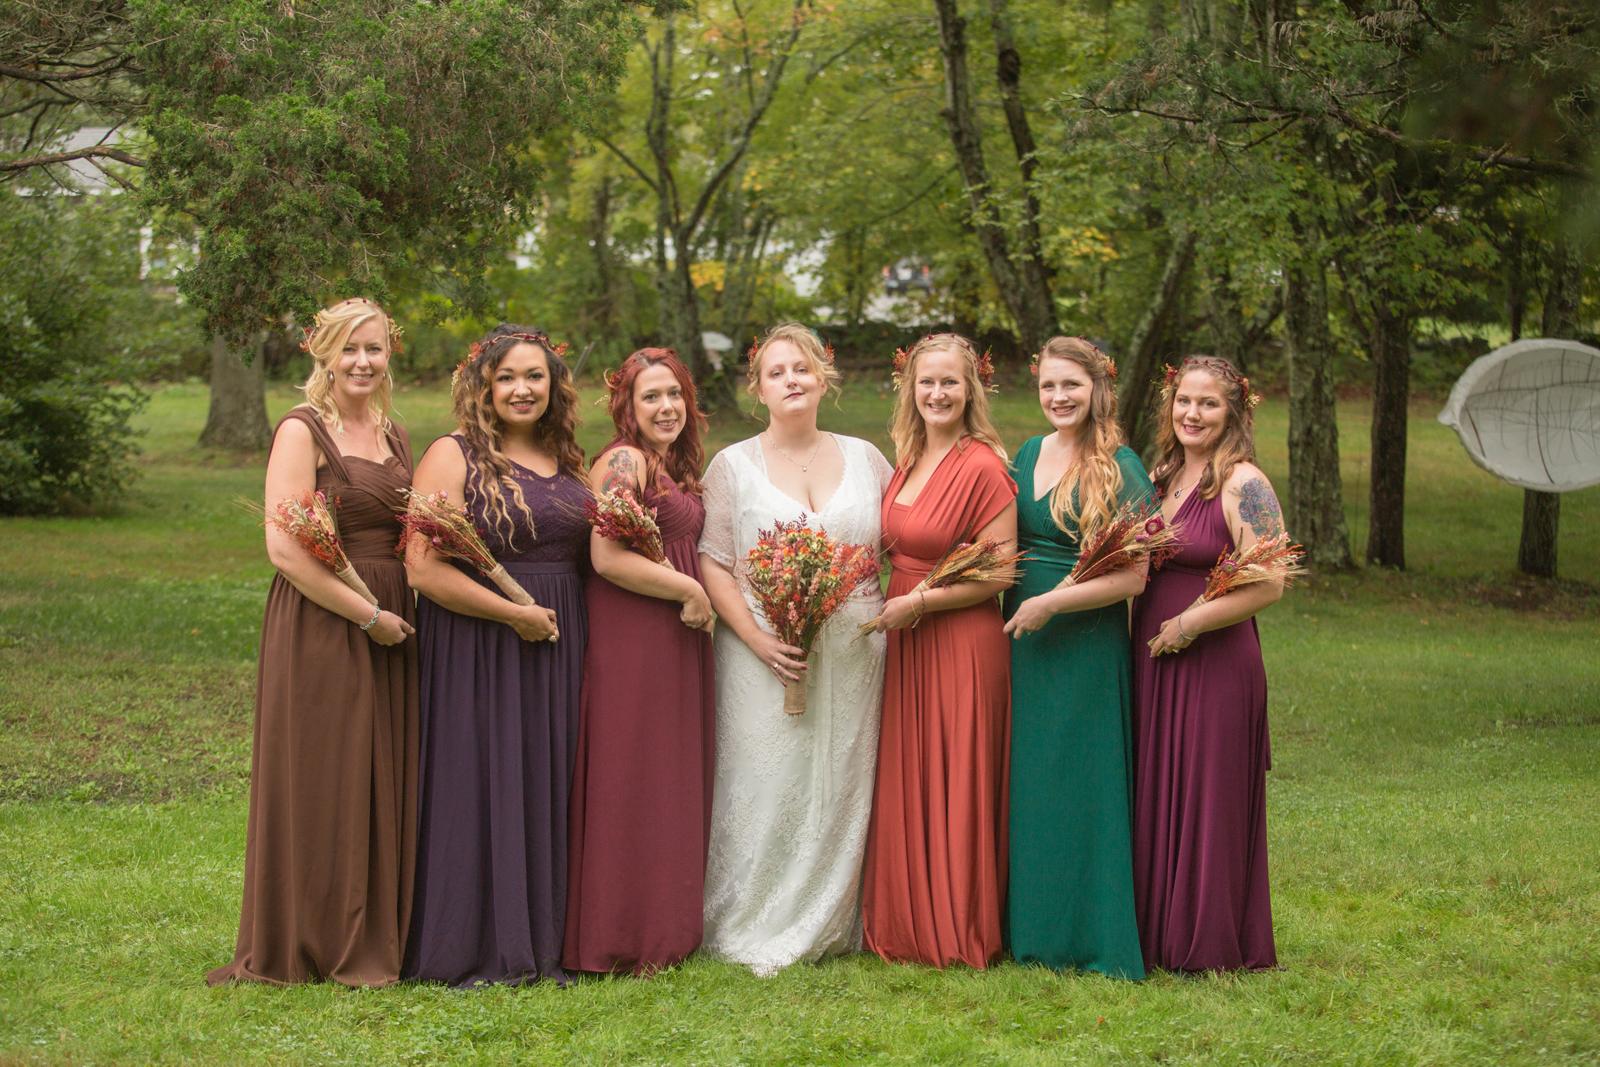 fall bridesmaid dresses.jpg